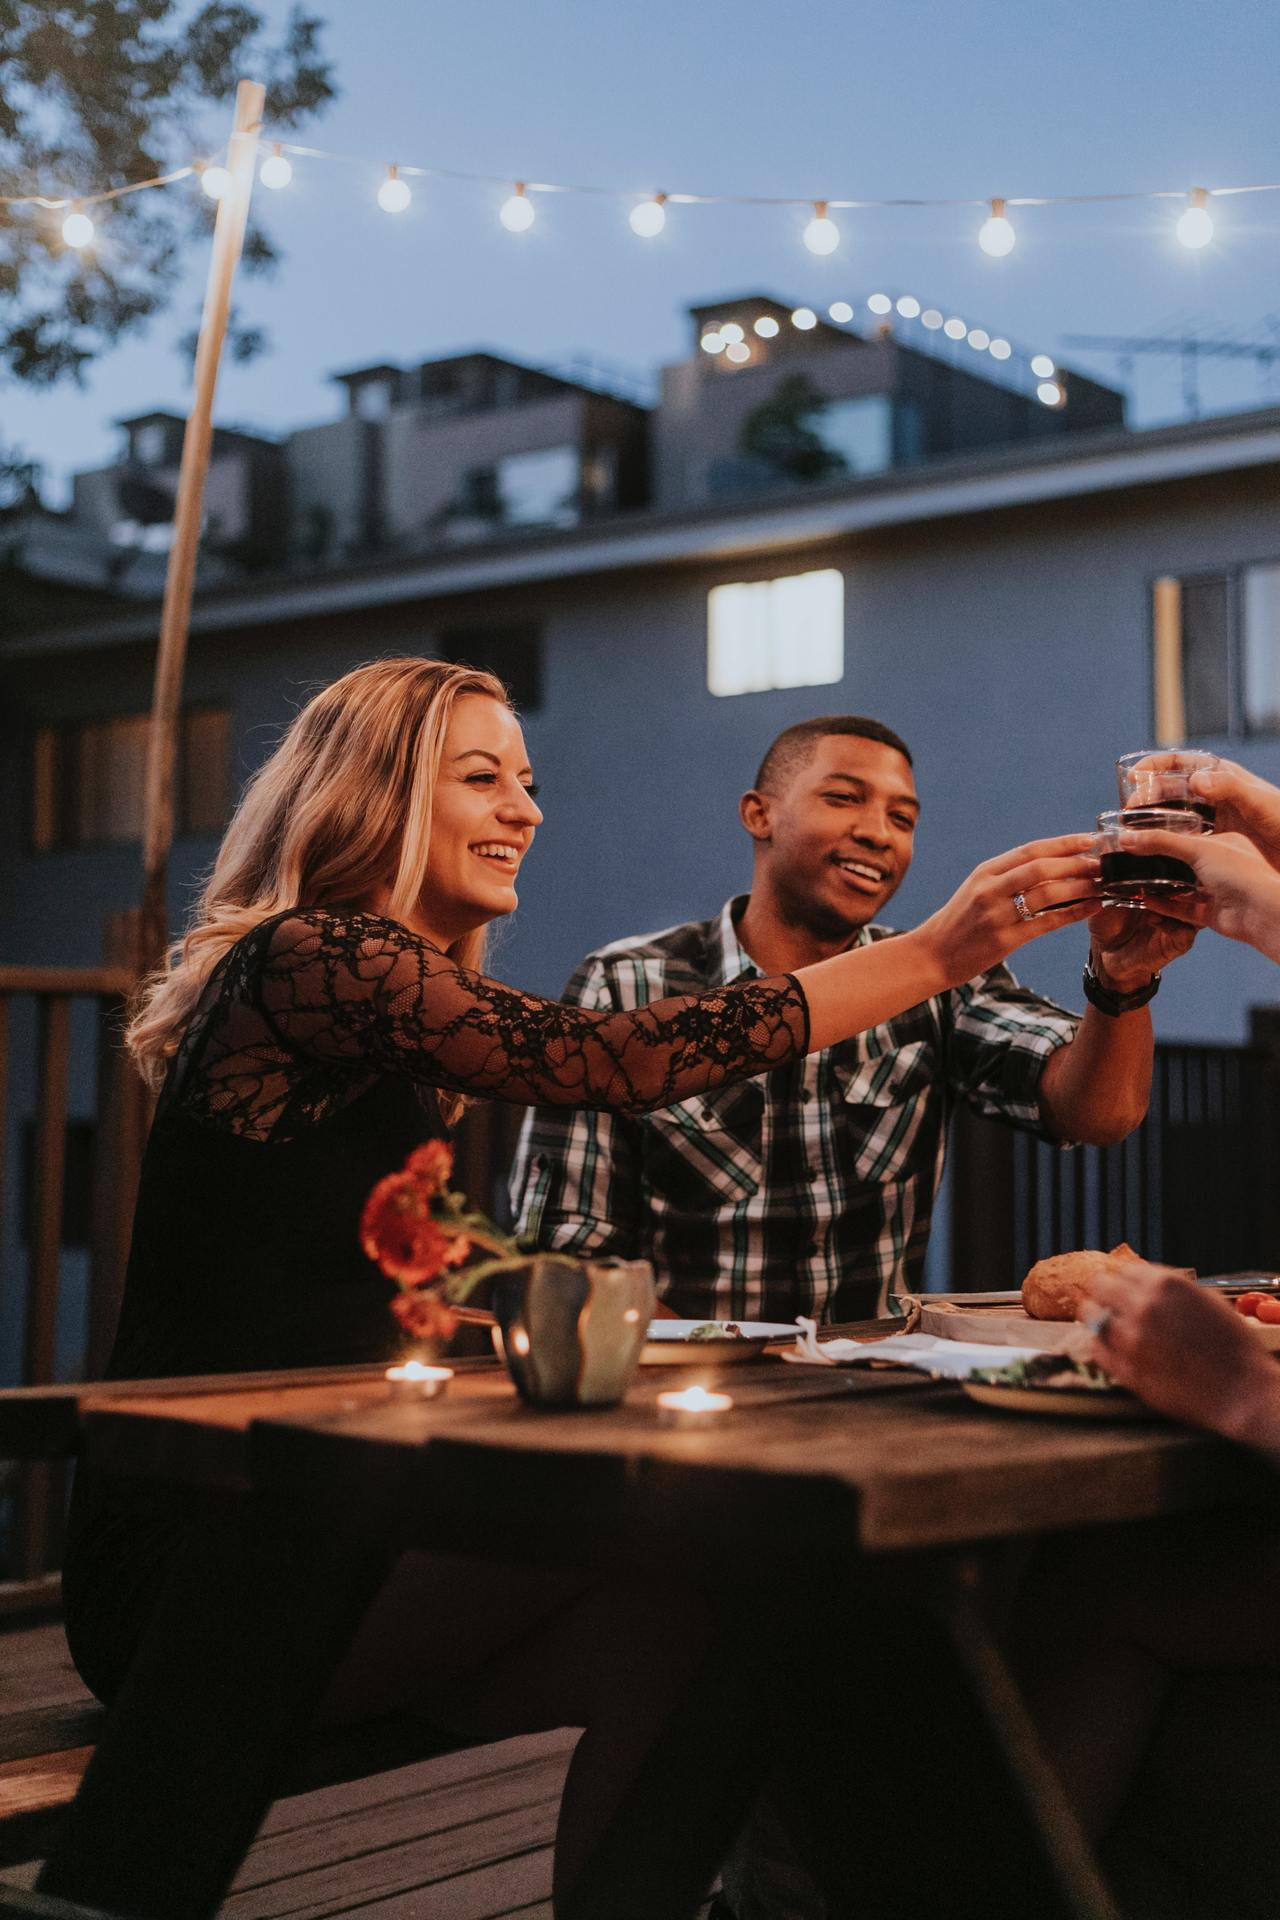 過量飲酒,小心變金魚腦。圖/摘自pexels ※ 提醒您:禁止酒駕 飲酒過...